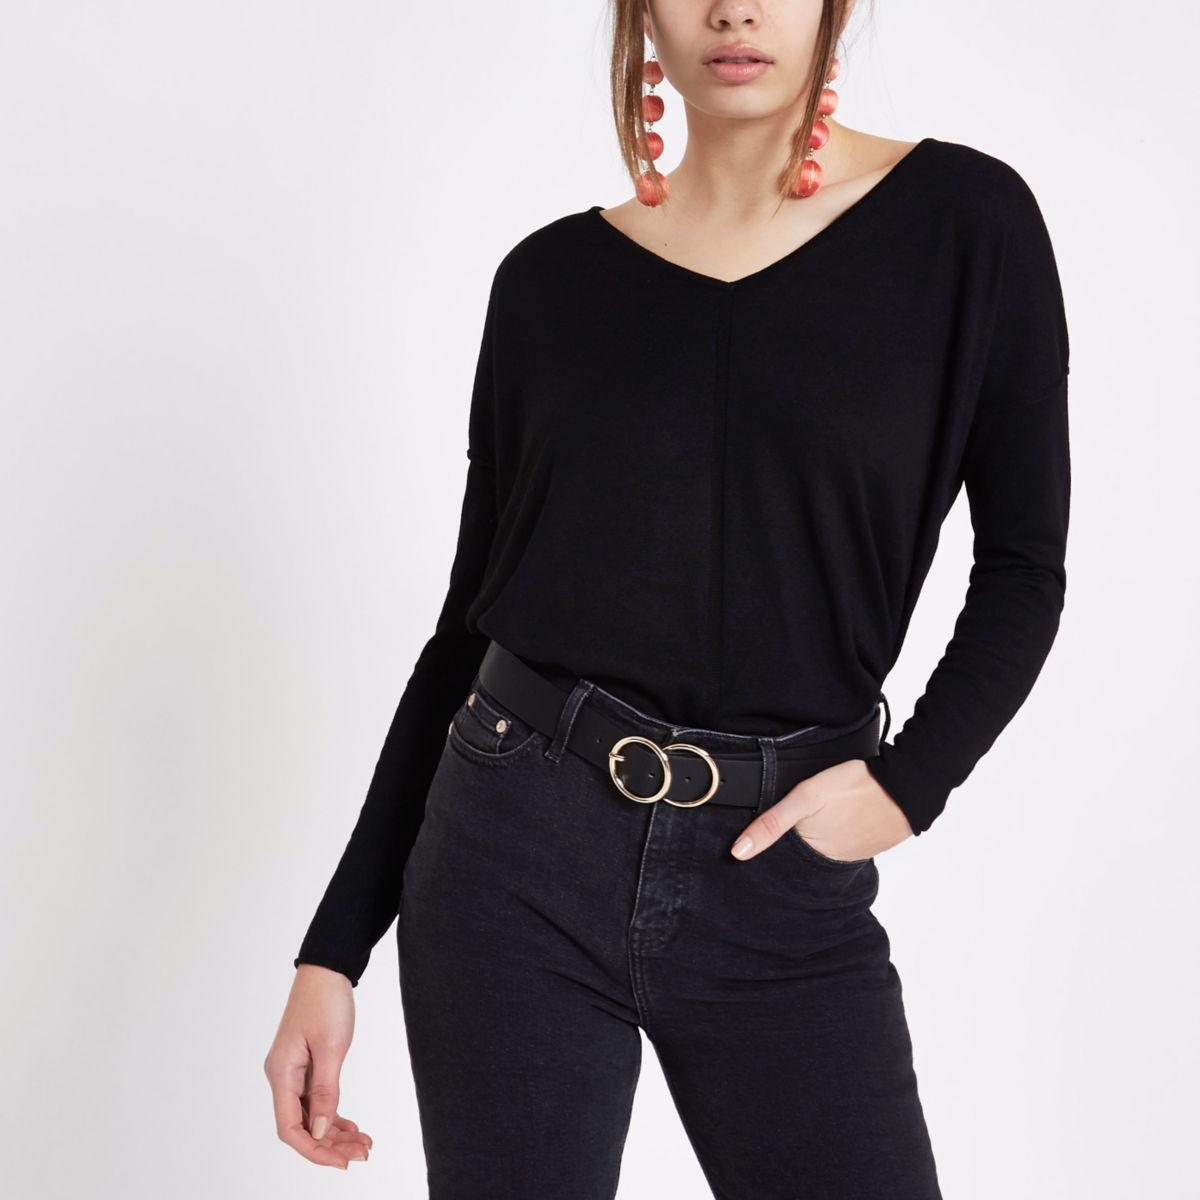 Black twist back V neck sweater